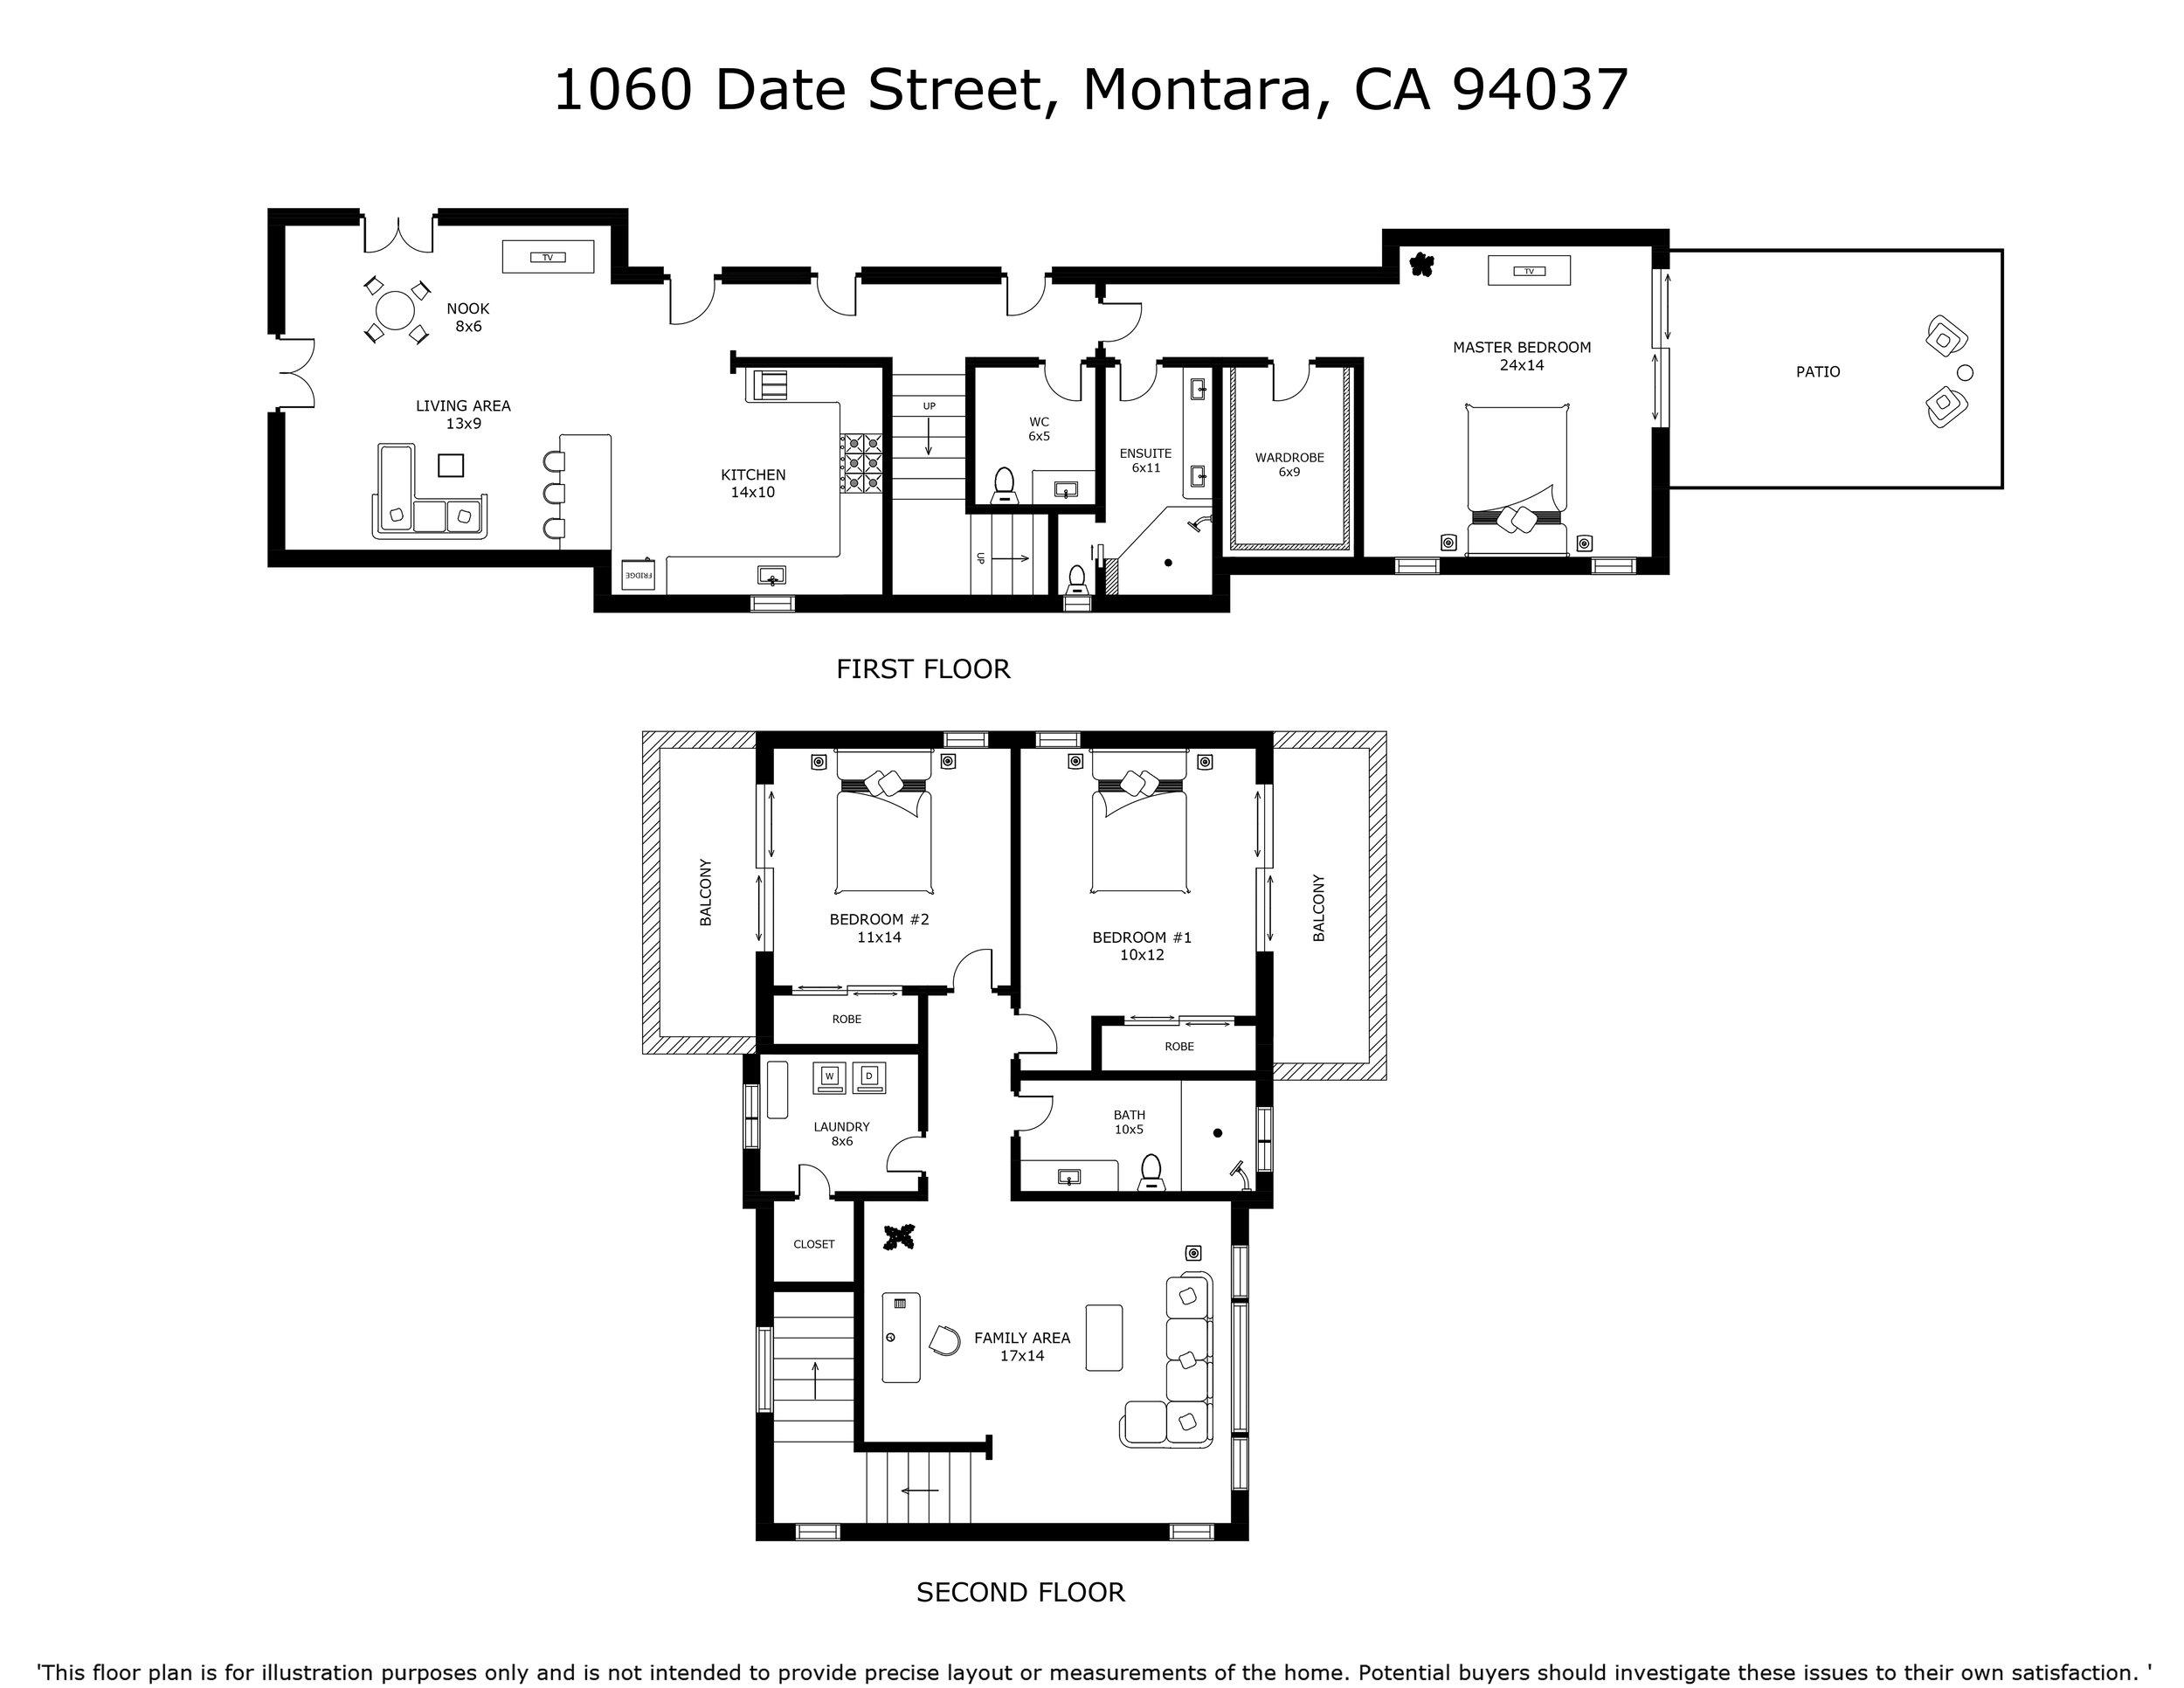 67_1060_Date_Street_Montara_CA_94037.jpg